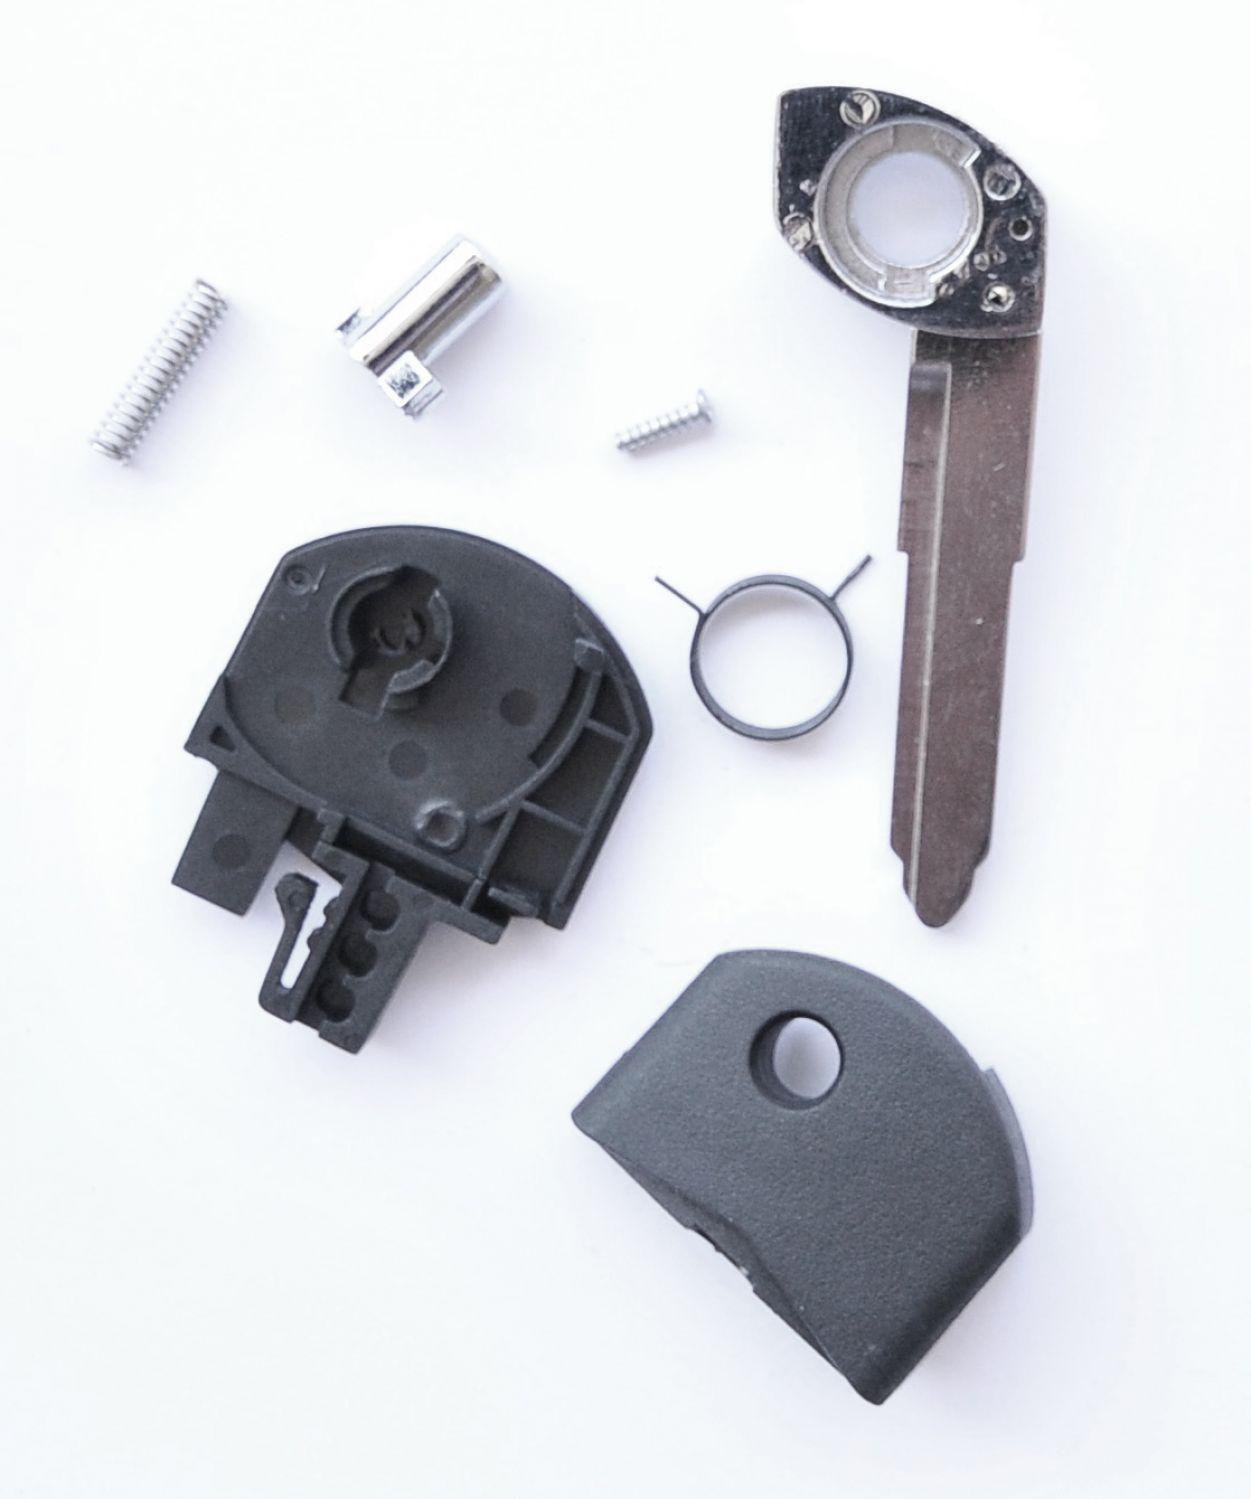 autoschlüssel klapp schlüssel gehäuse mazda cx-7 cx-5 2 4 5 6 rx-8 +